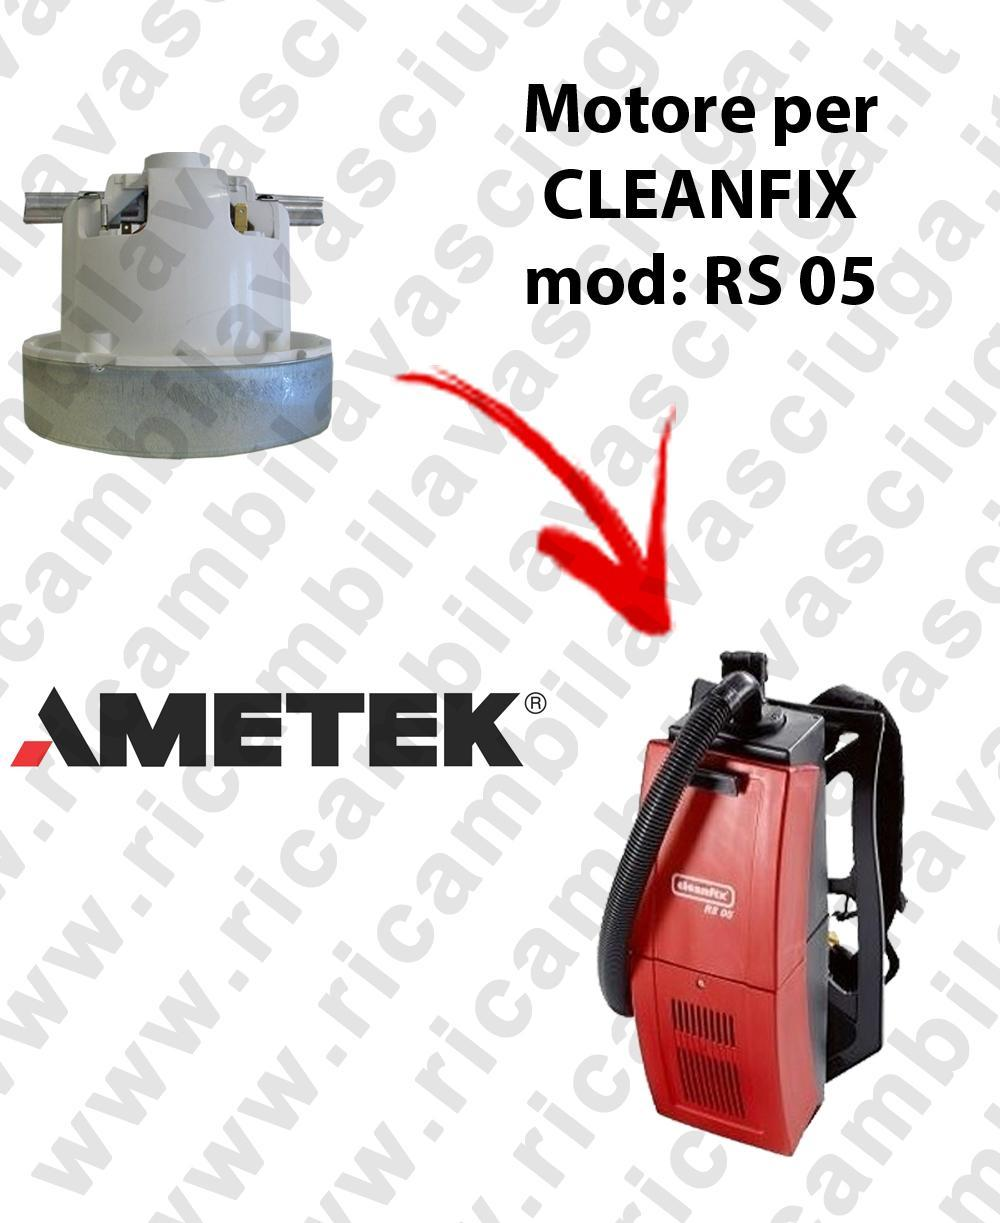 RS 05 Ametek Vacuum Motor for Vacuum cleaner CLEANFIX